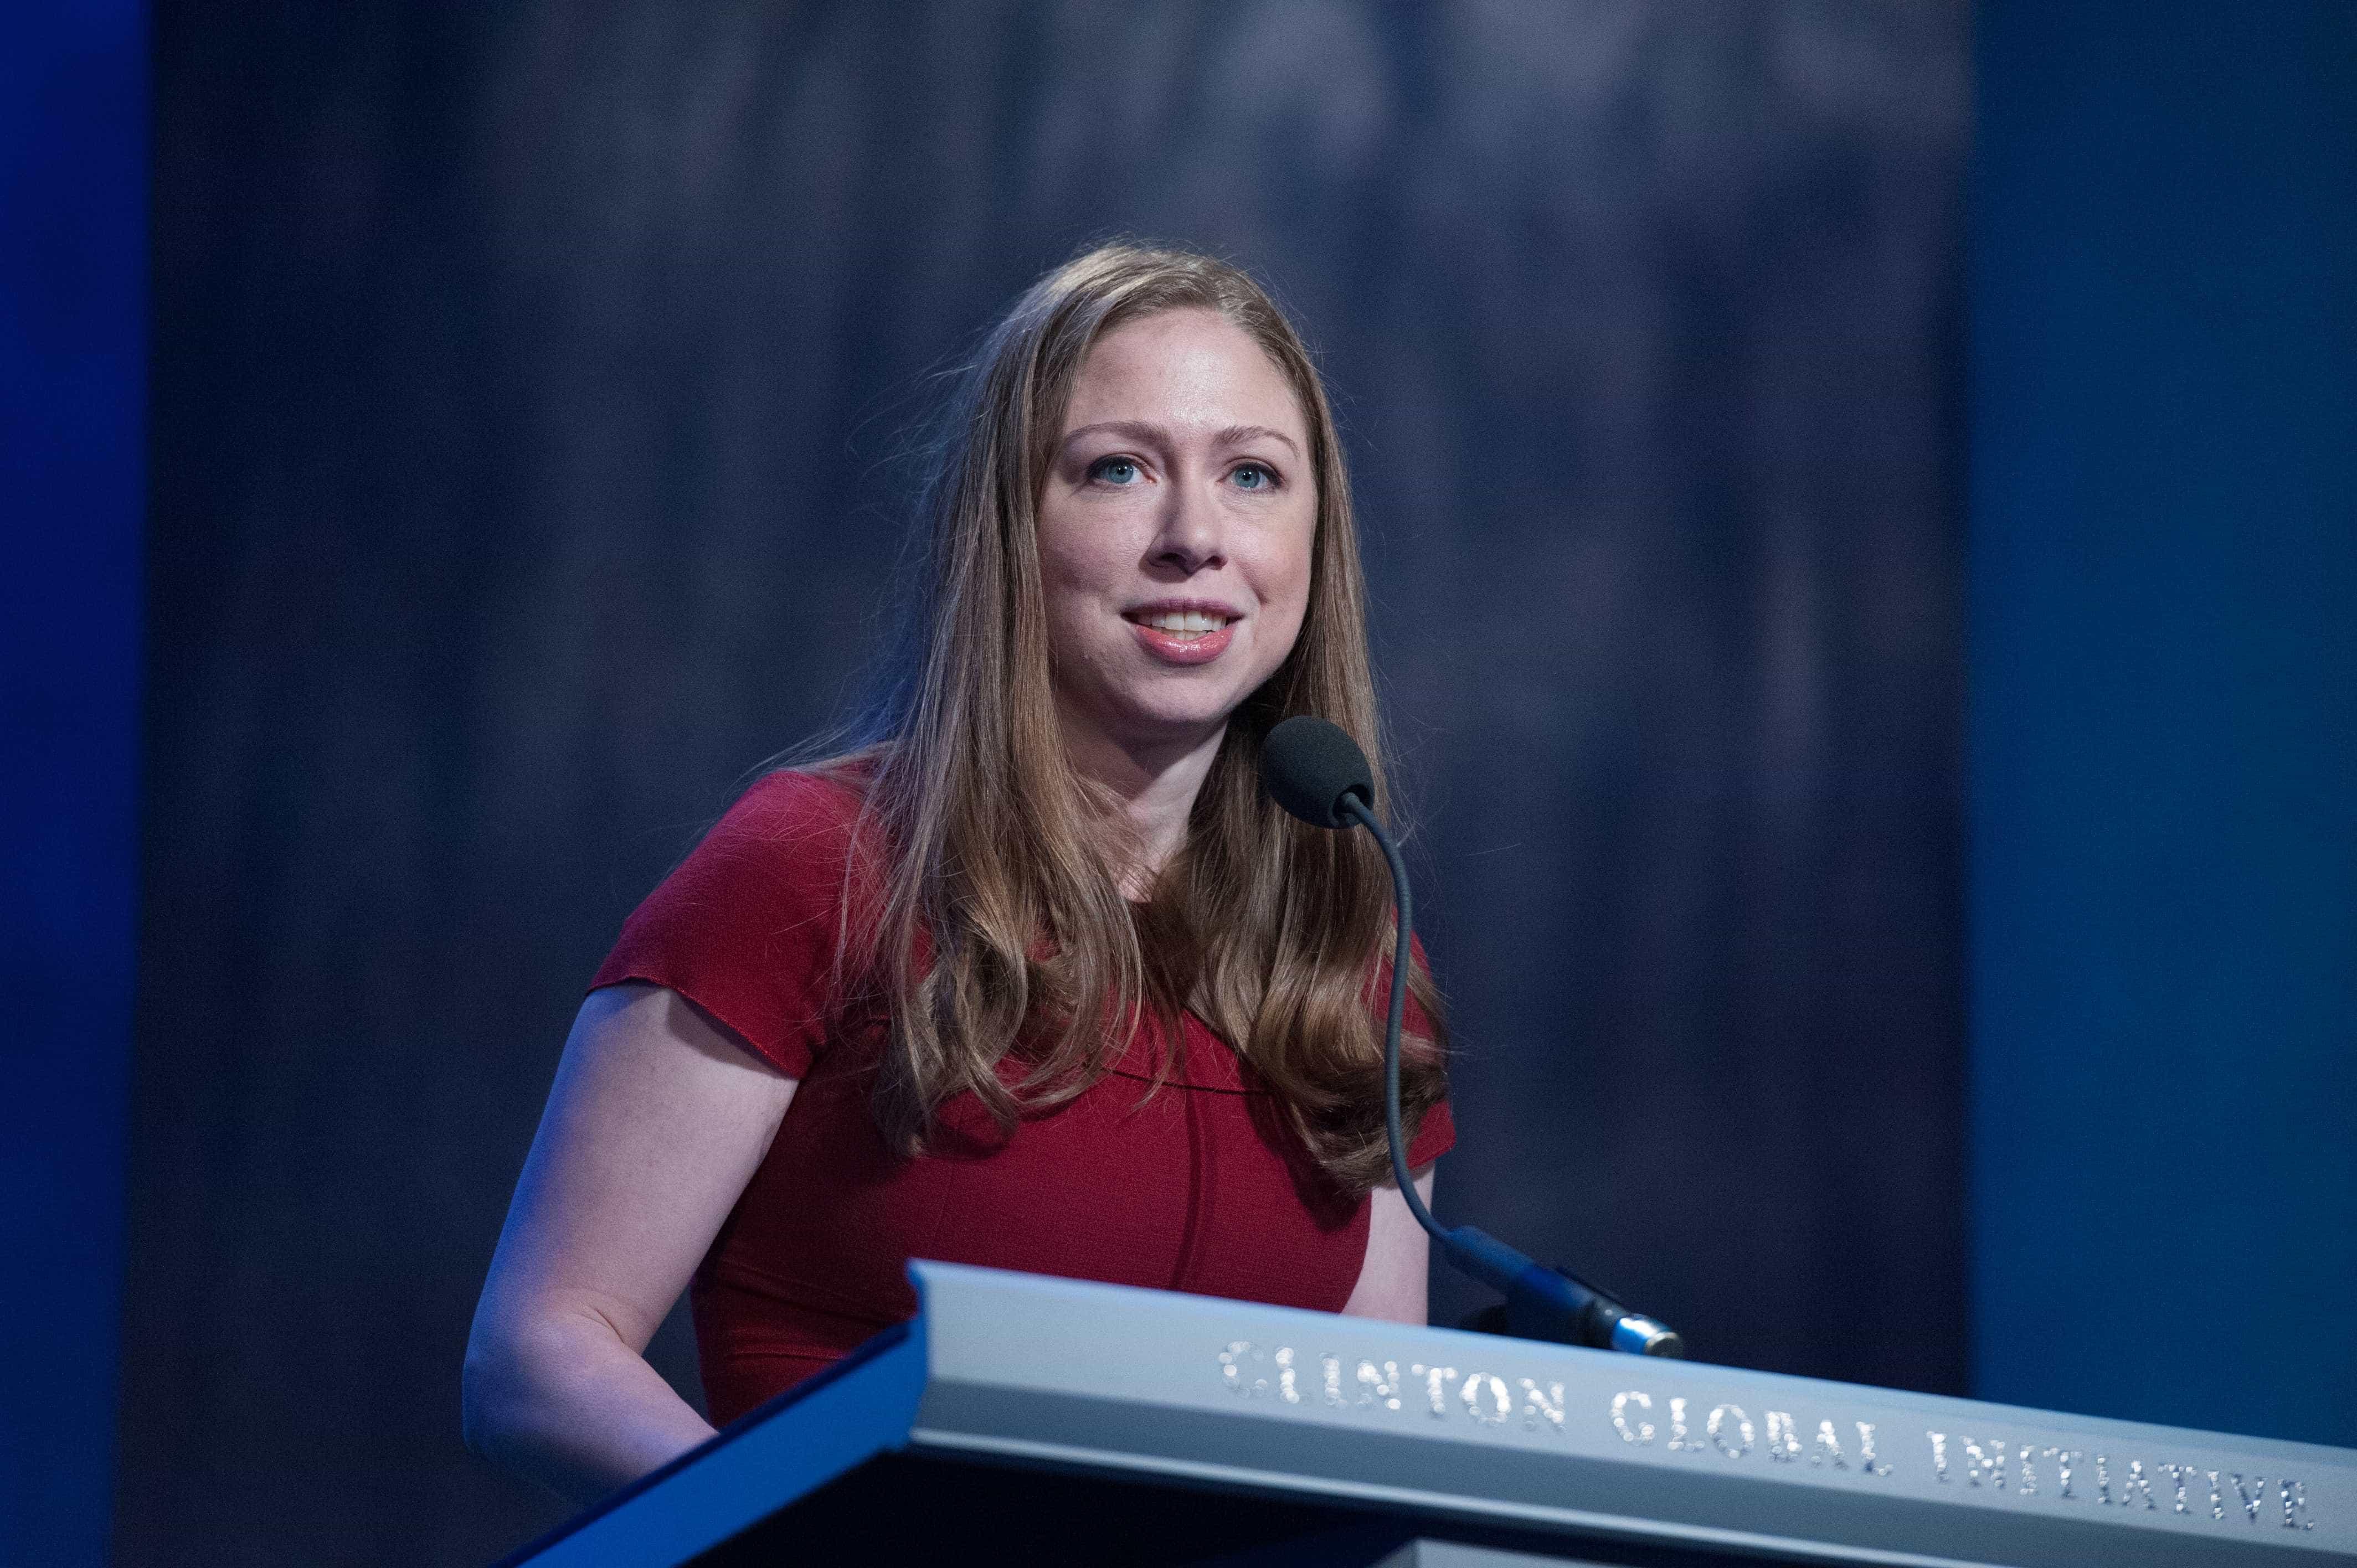 Nova Zelândia: Chelsea Clinton confrontada com críticas durante vigília